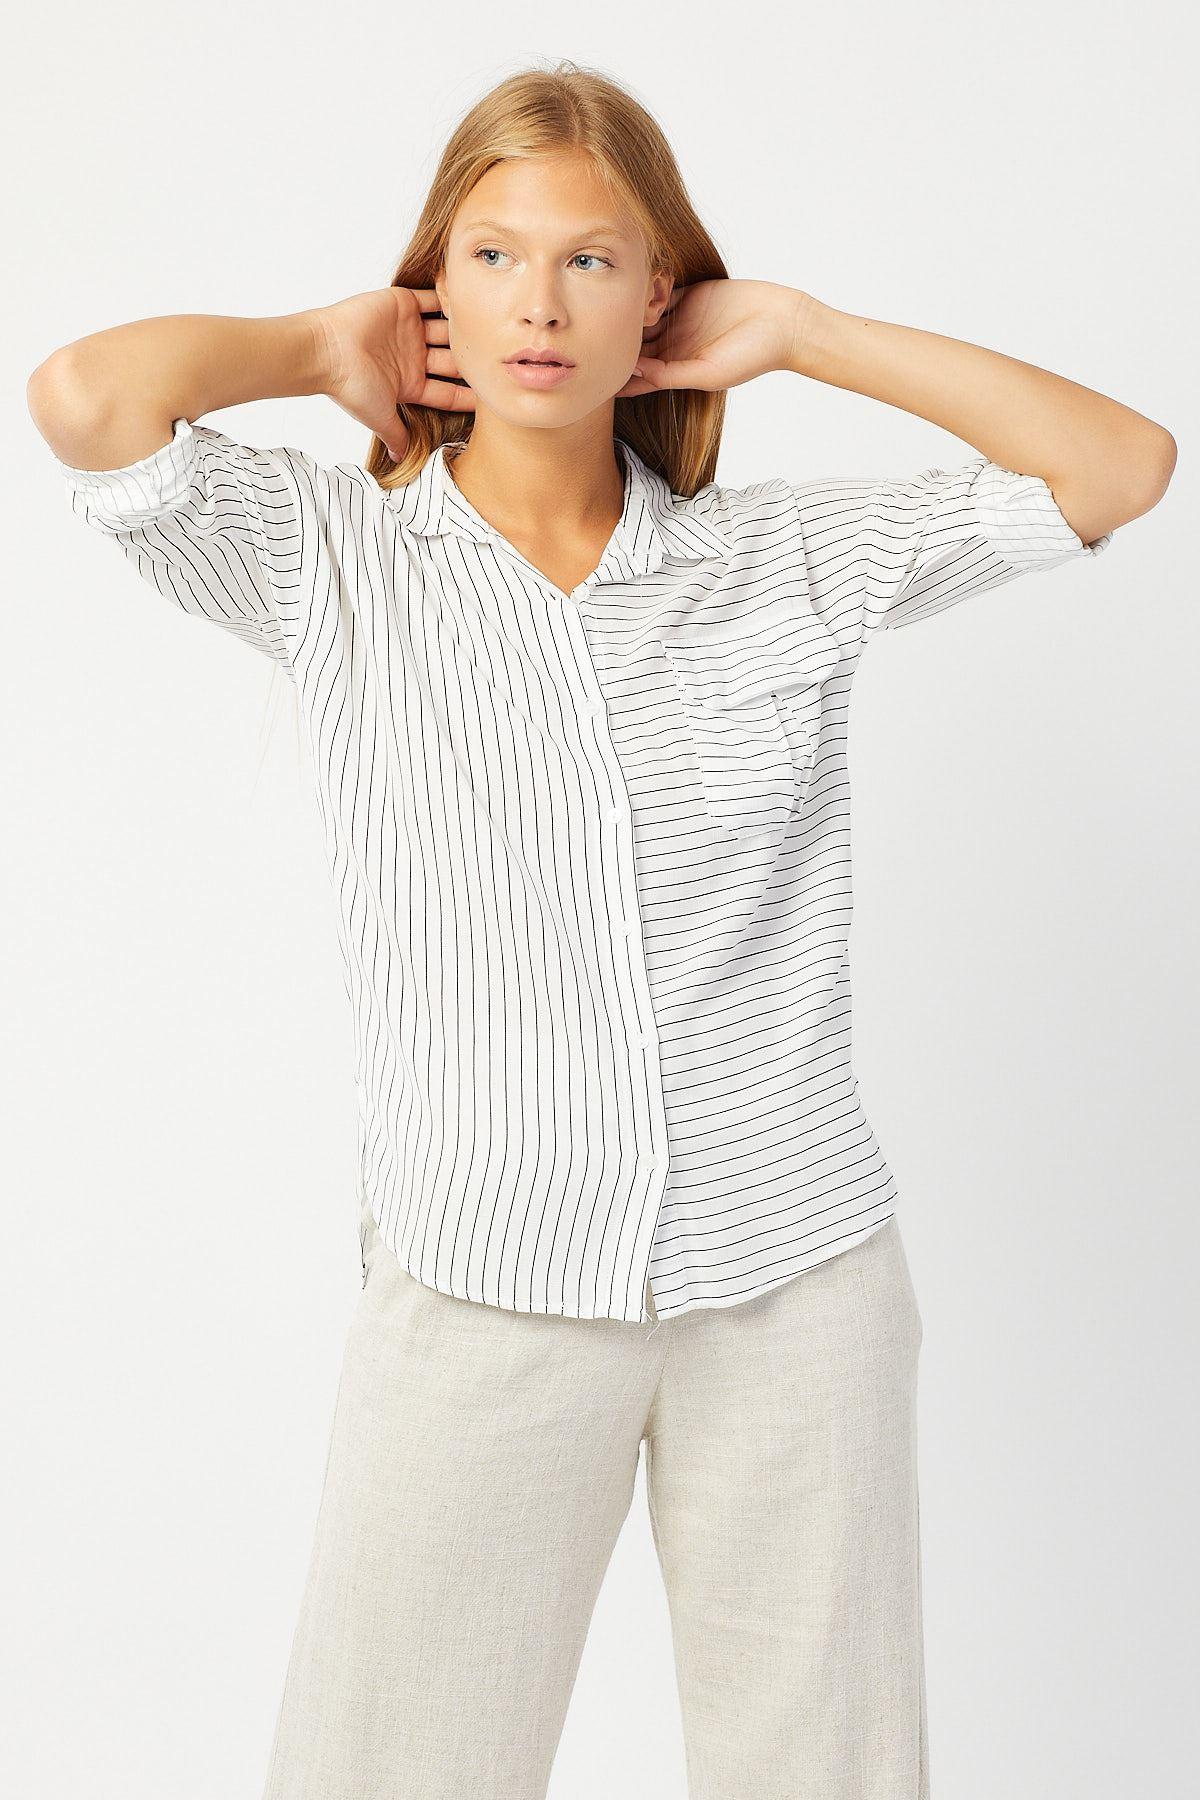 Tek Cep Kapaklı Çizgili Gömlek